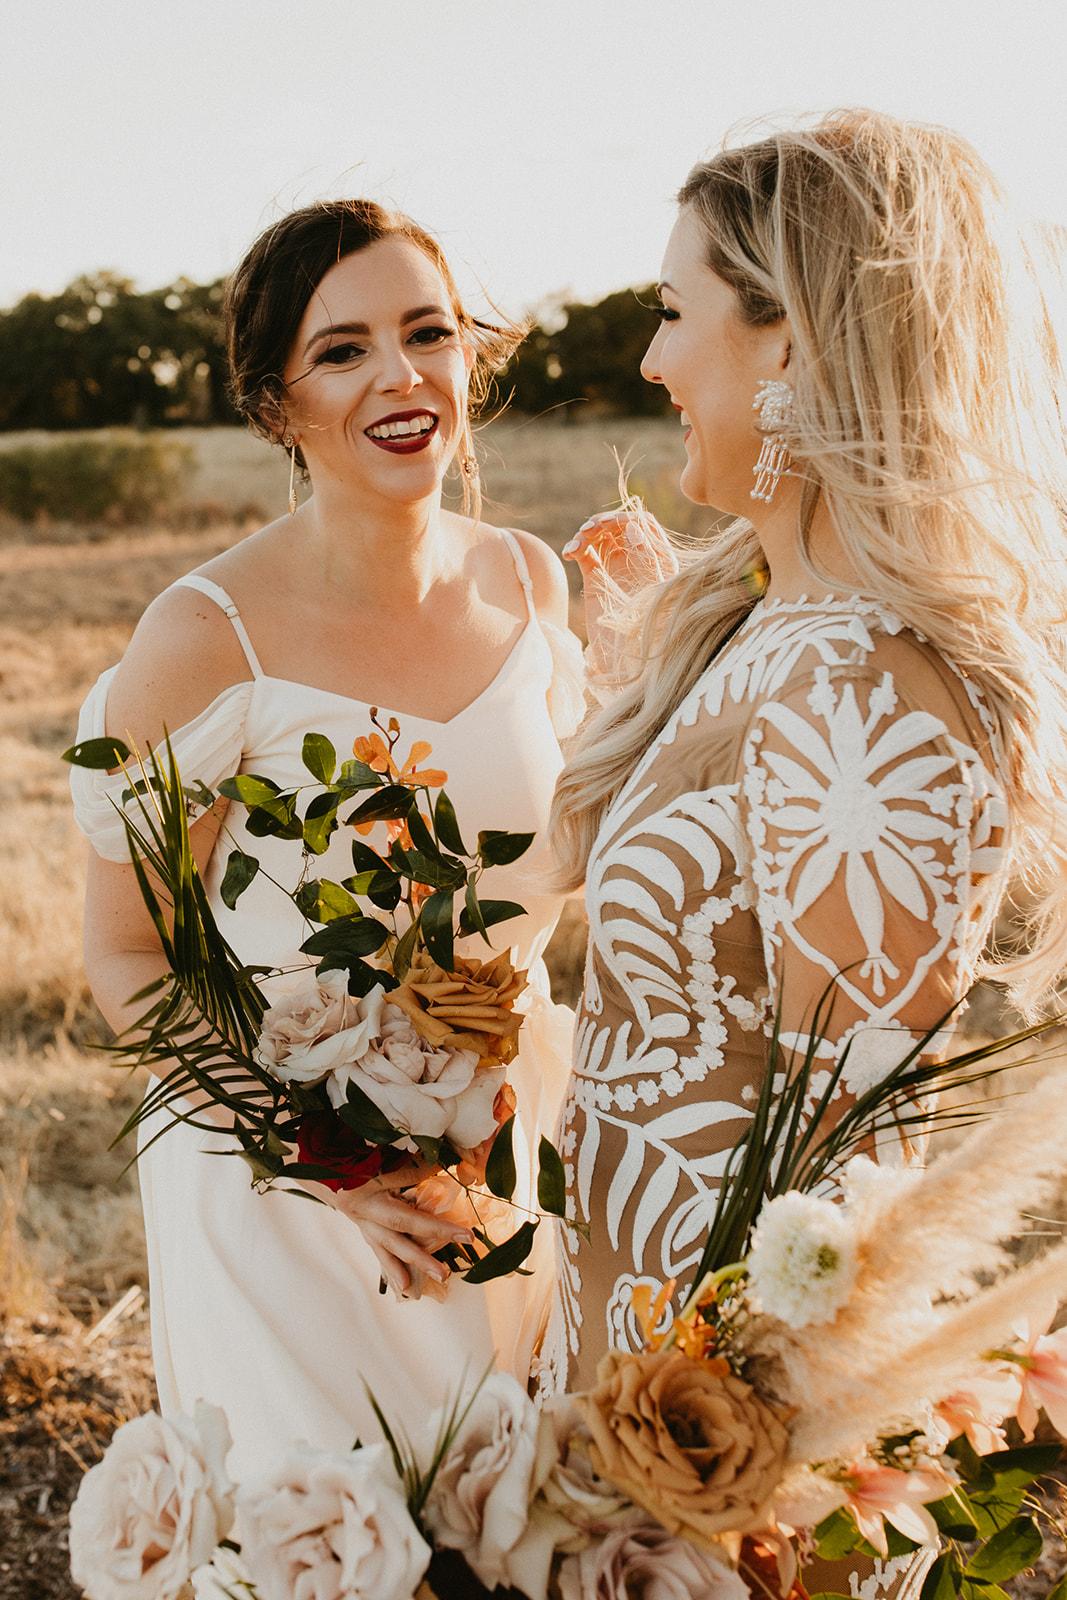 Tropical Colorful Boho Bridesmaid + Bride Bouquets + White Creamy Bridesmaid Dresses + Rue De Seine Wedding Dress + Boho Wedding + Wedding Designer Planner Epoch Co+